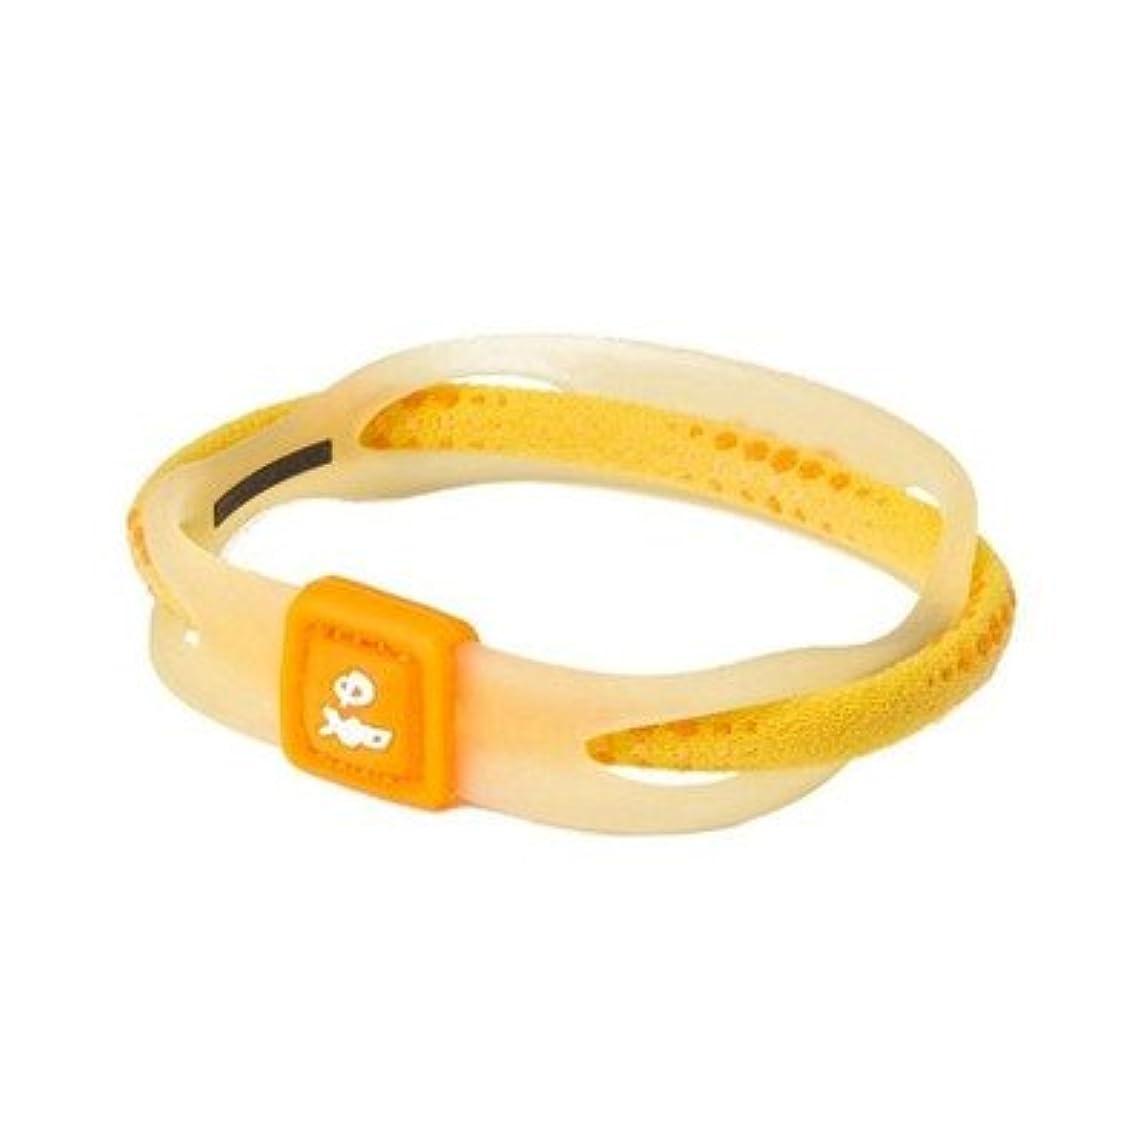 爪浮く和Phiten(ファイテン) RAKUWA ブレス X50 イエロー 17CM TG497325[通販用梱包品]